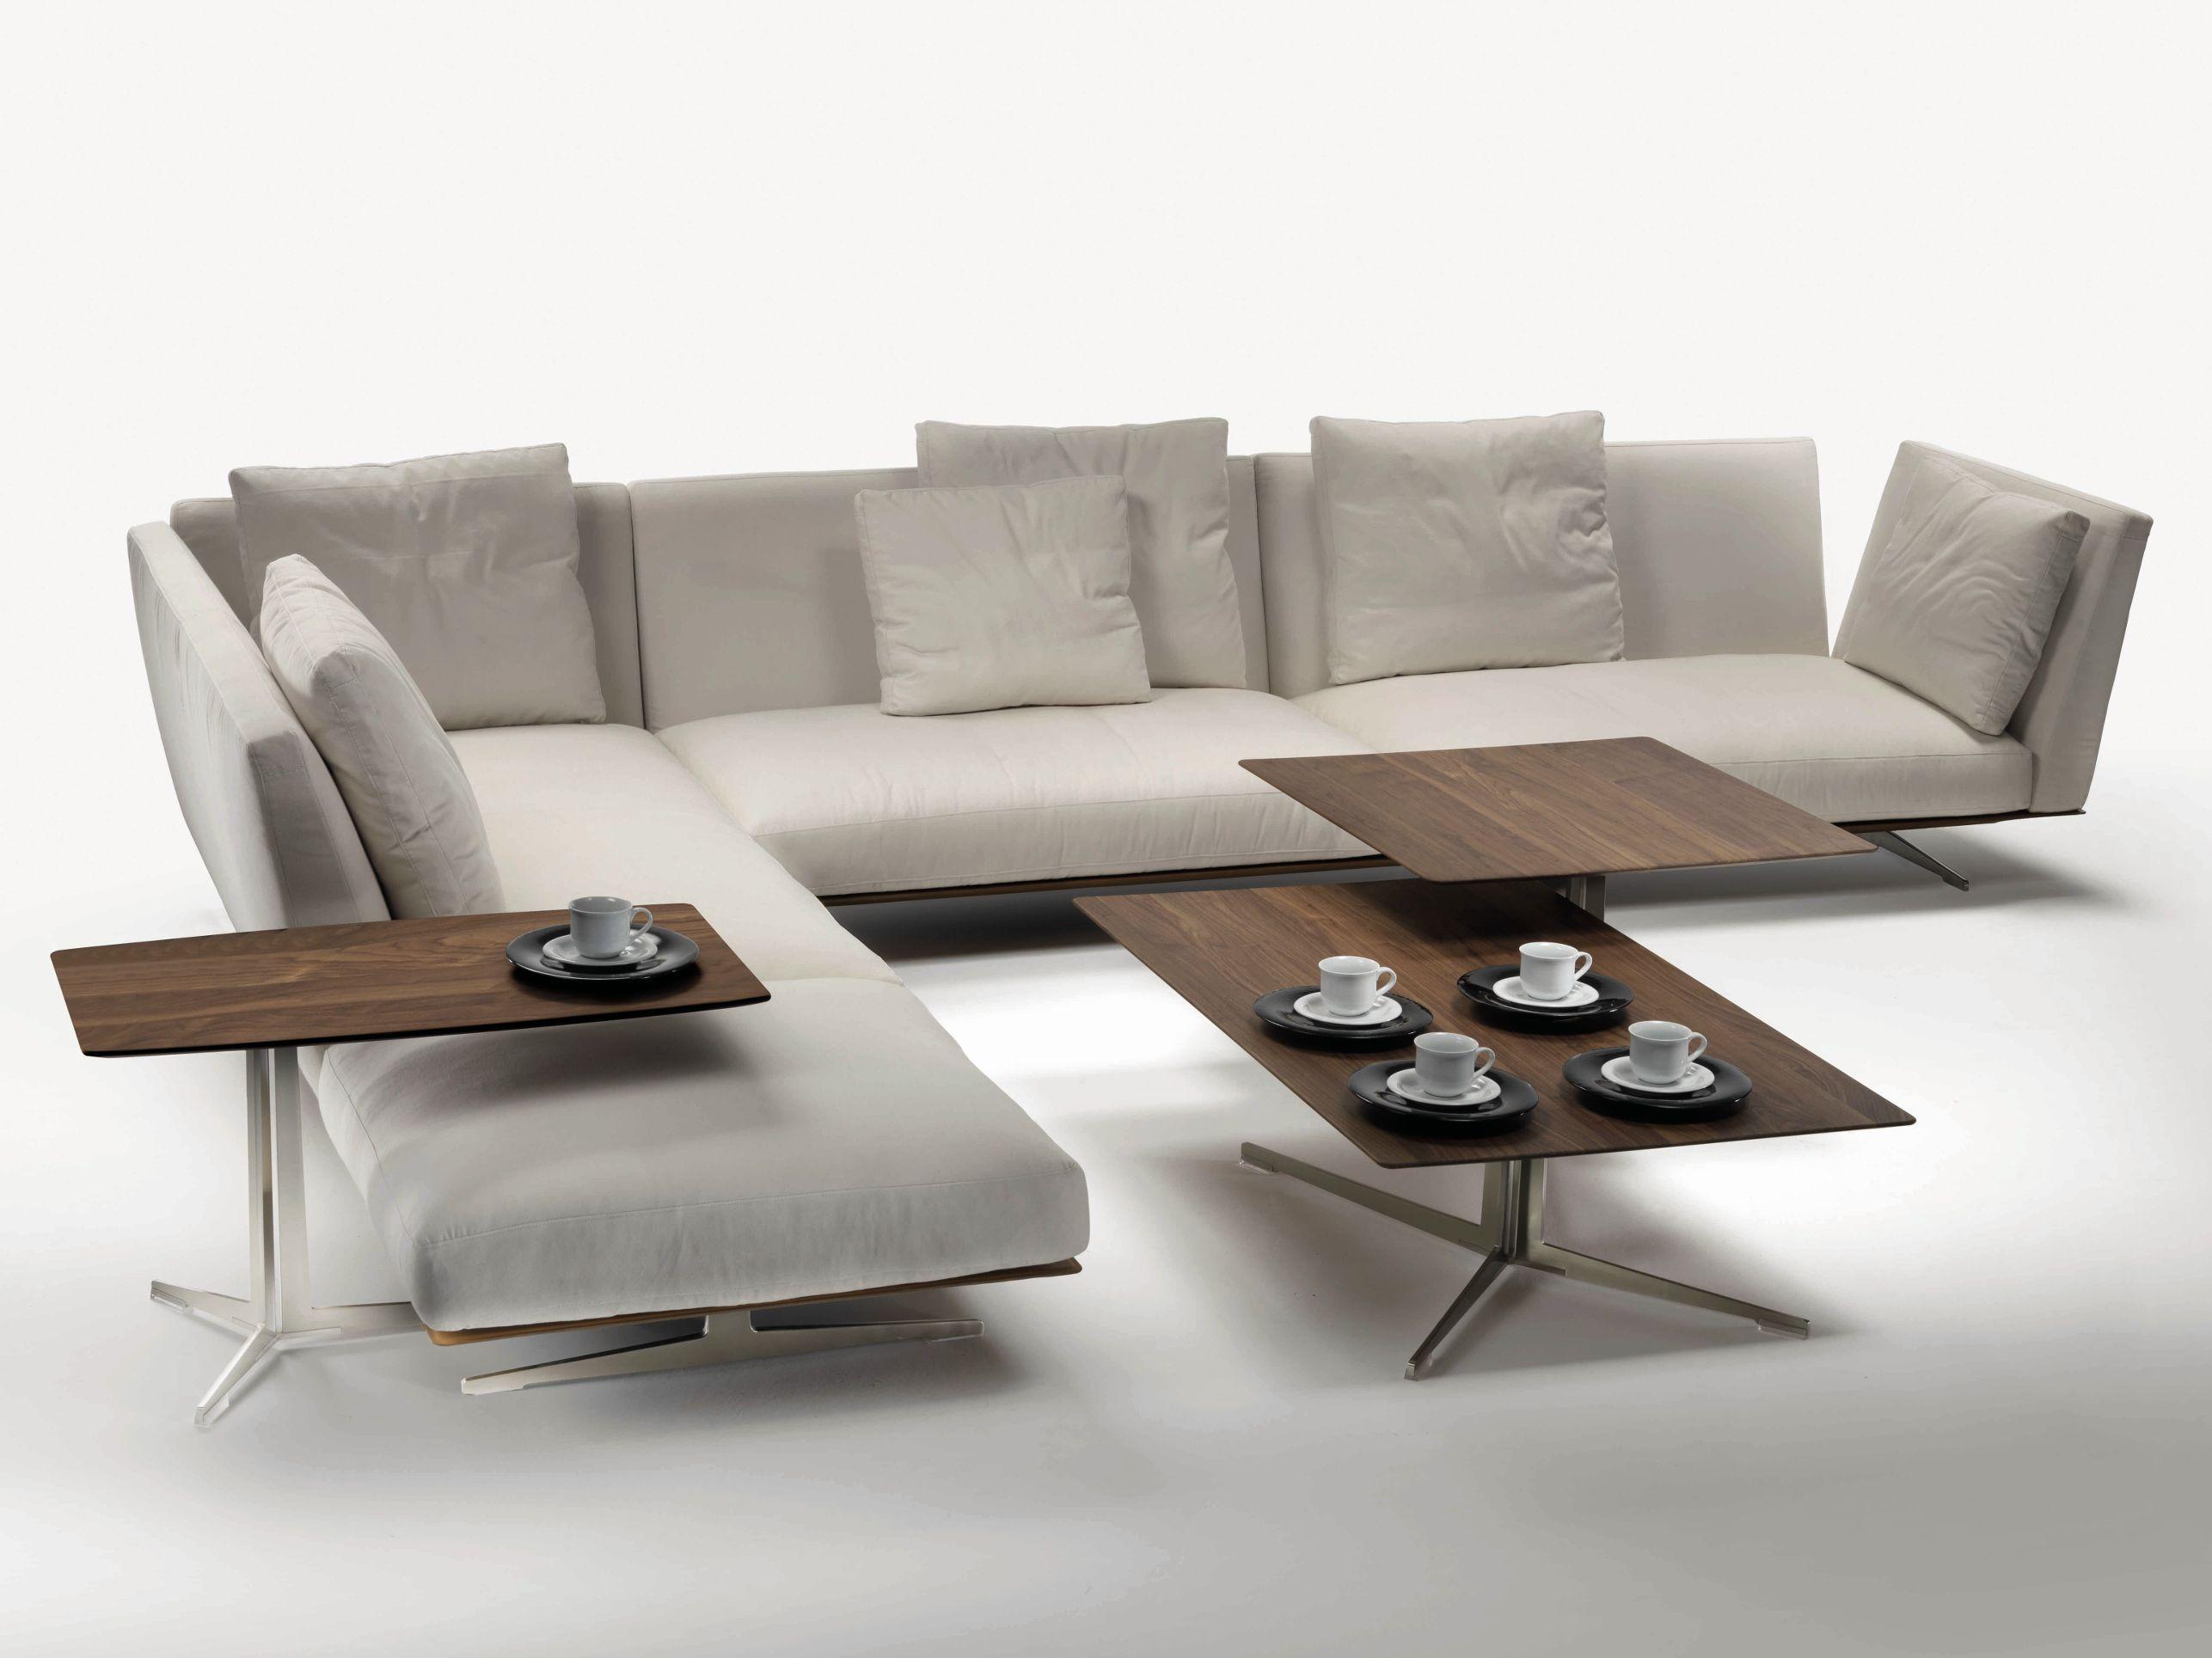 Evergreen divano componibile by flexform design antonio for Divano componibile